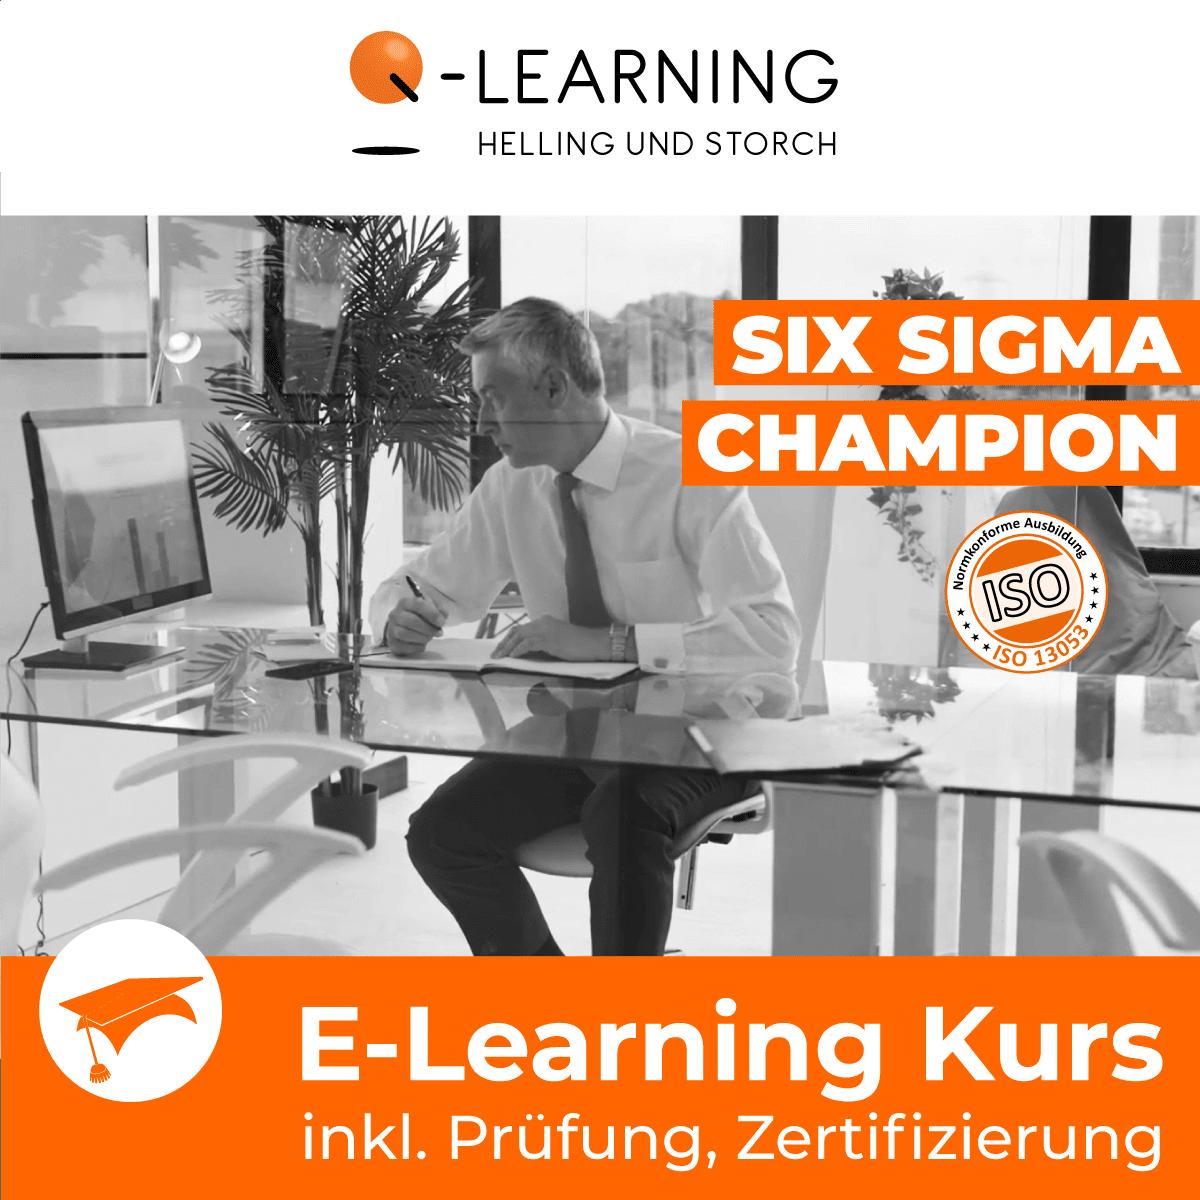 SIX SIGMA CHAMPION E-Learning